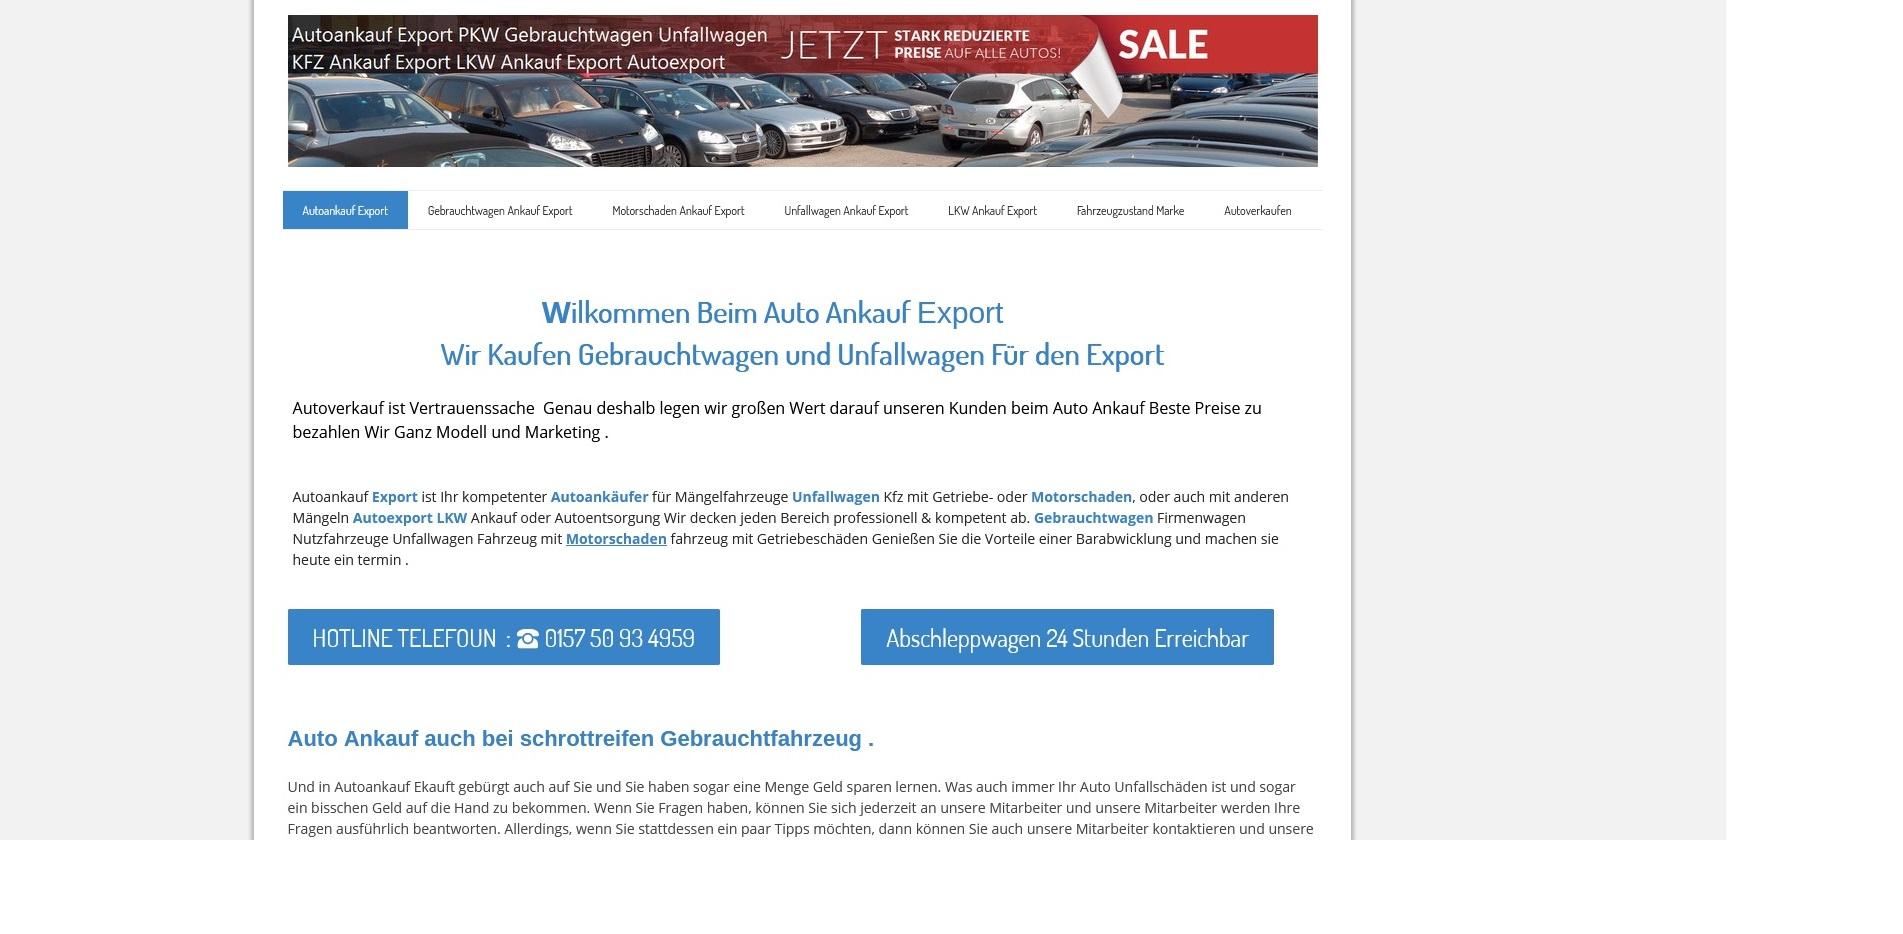 autoankauf schwerte schnell und unkompliziert auto verkaufen - Autoankauf Schwerte Schnell und Unkompliziert Auto verkaufen